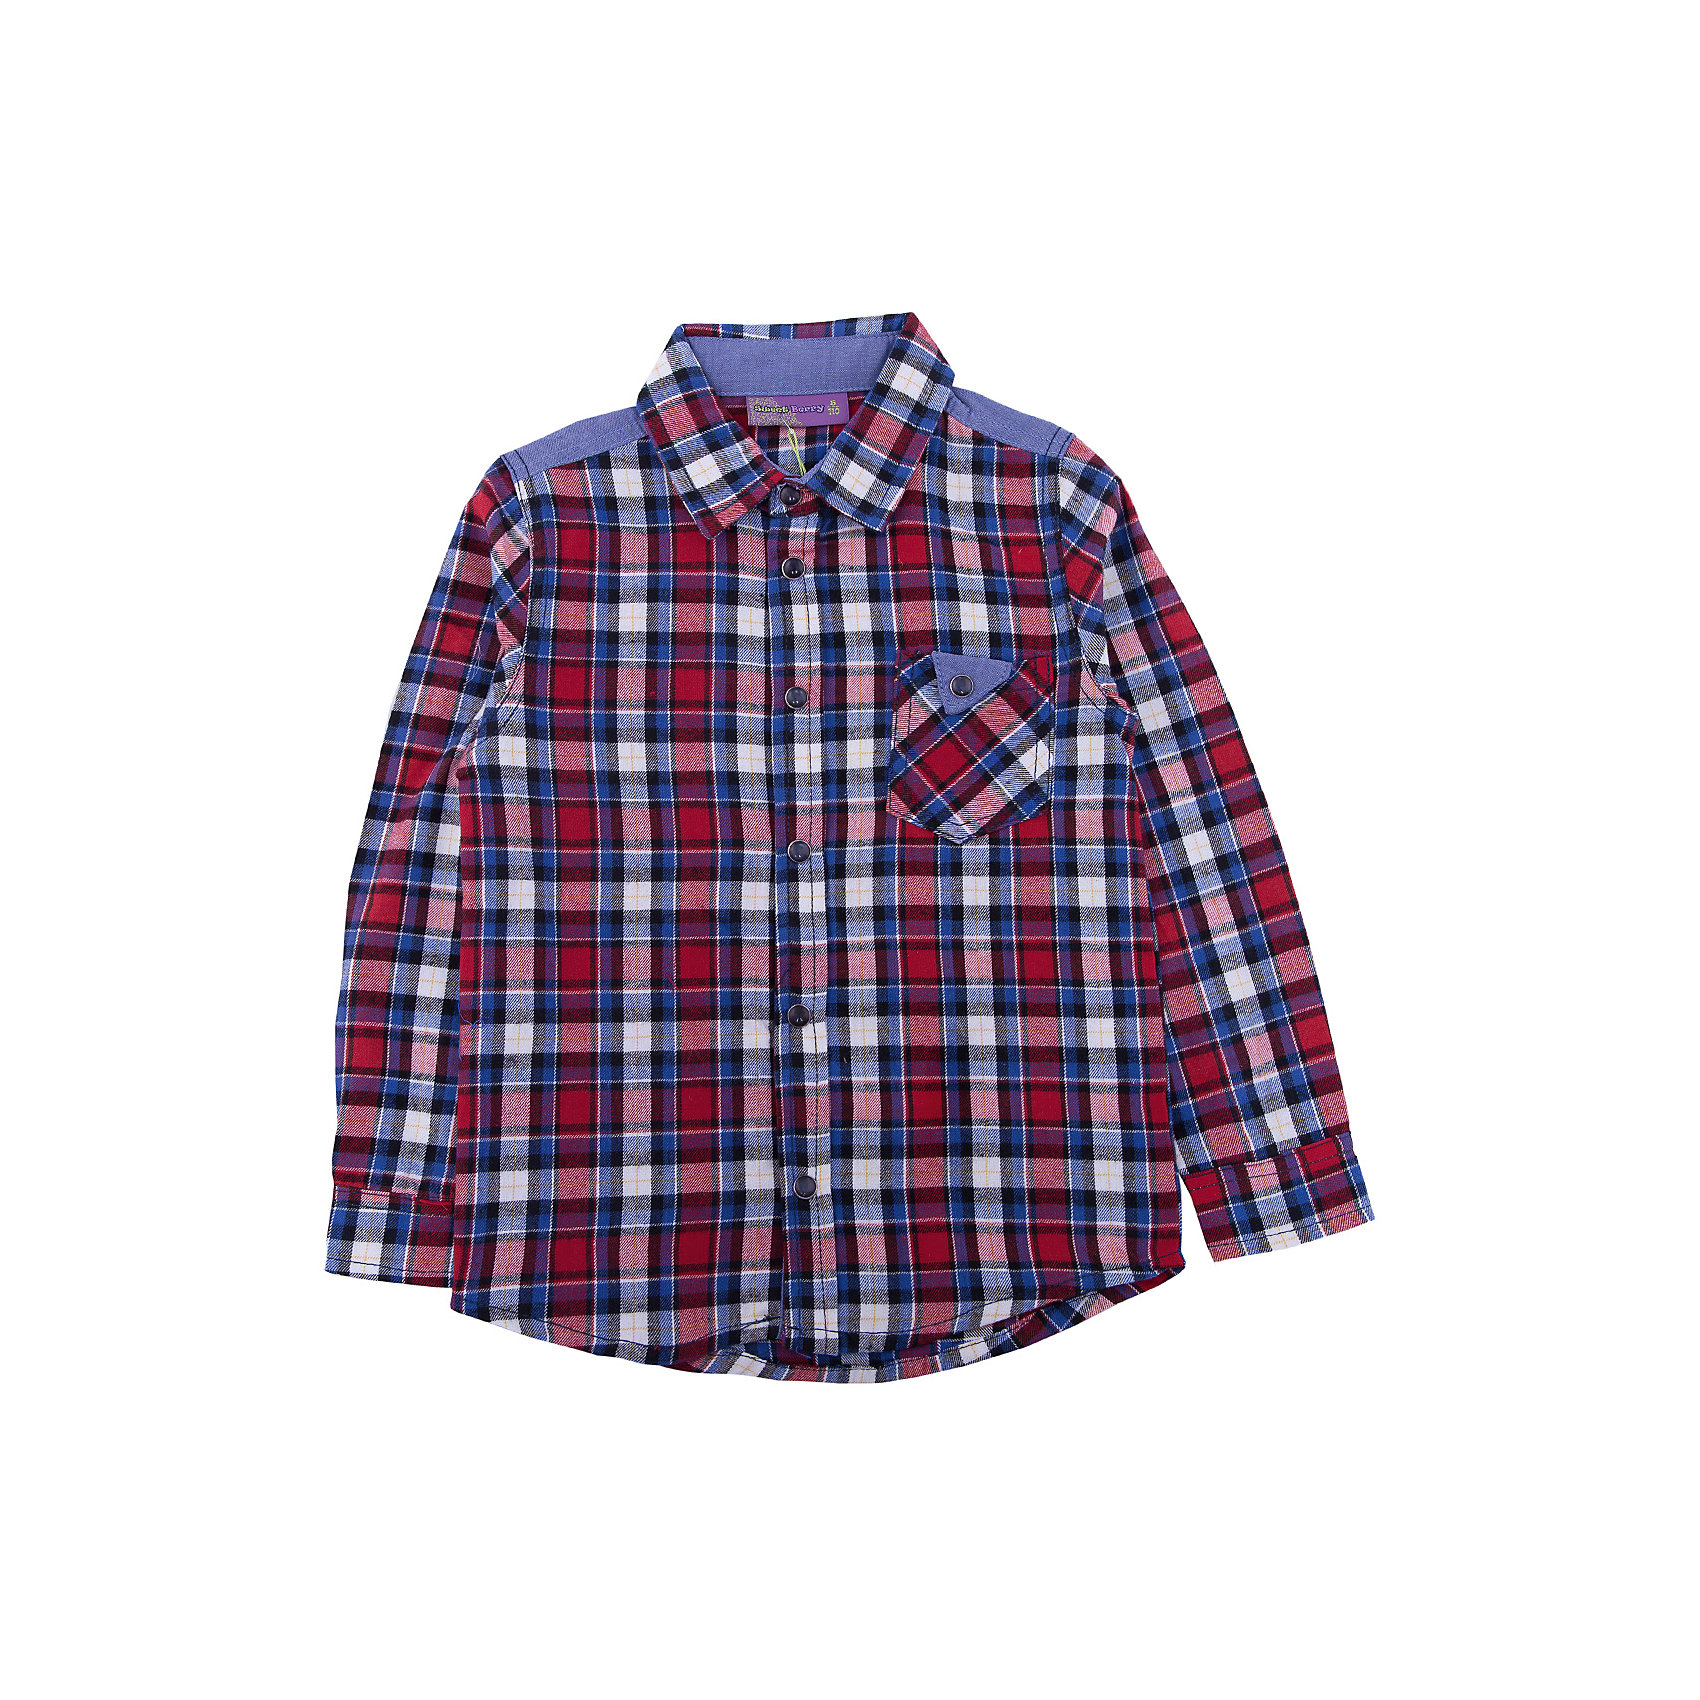 Рубашка Sweet Berry для мальчикаБлузки и рубашки<br>Рубашка Sweet Berry для мальчика<br>Стильная хлопковая рубашка из байковой ткани в клетку с накладным карманом и контрастной отделкой на спинке. Длинный рукав. Застегивается на кнопки. Отложной воротничок.<br>Состав:<br>100% хлопок<br><br>Ширина мм: 174<br>Глубина мм: 10<br>Высота мм: 169<br>Вес г: 157<br>Цвет: красный<br>Возраст от месяцев: 84<br>Возраст до месяцев: 96<br>Пол: Мужской<br>Возраст: Детский<br>Размер: 128,98,104,110,116,122<br>SKU: 7094727